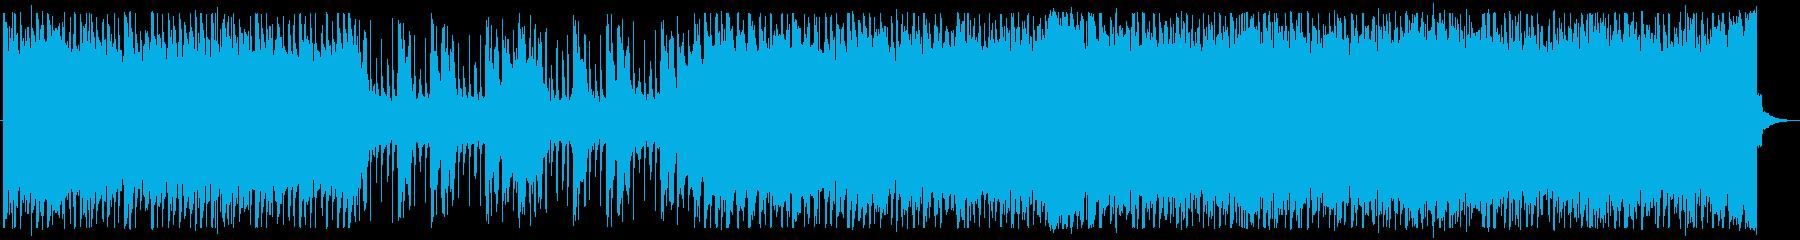 電子/疾走感/ロック_No358_3の再生済みの波形